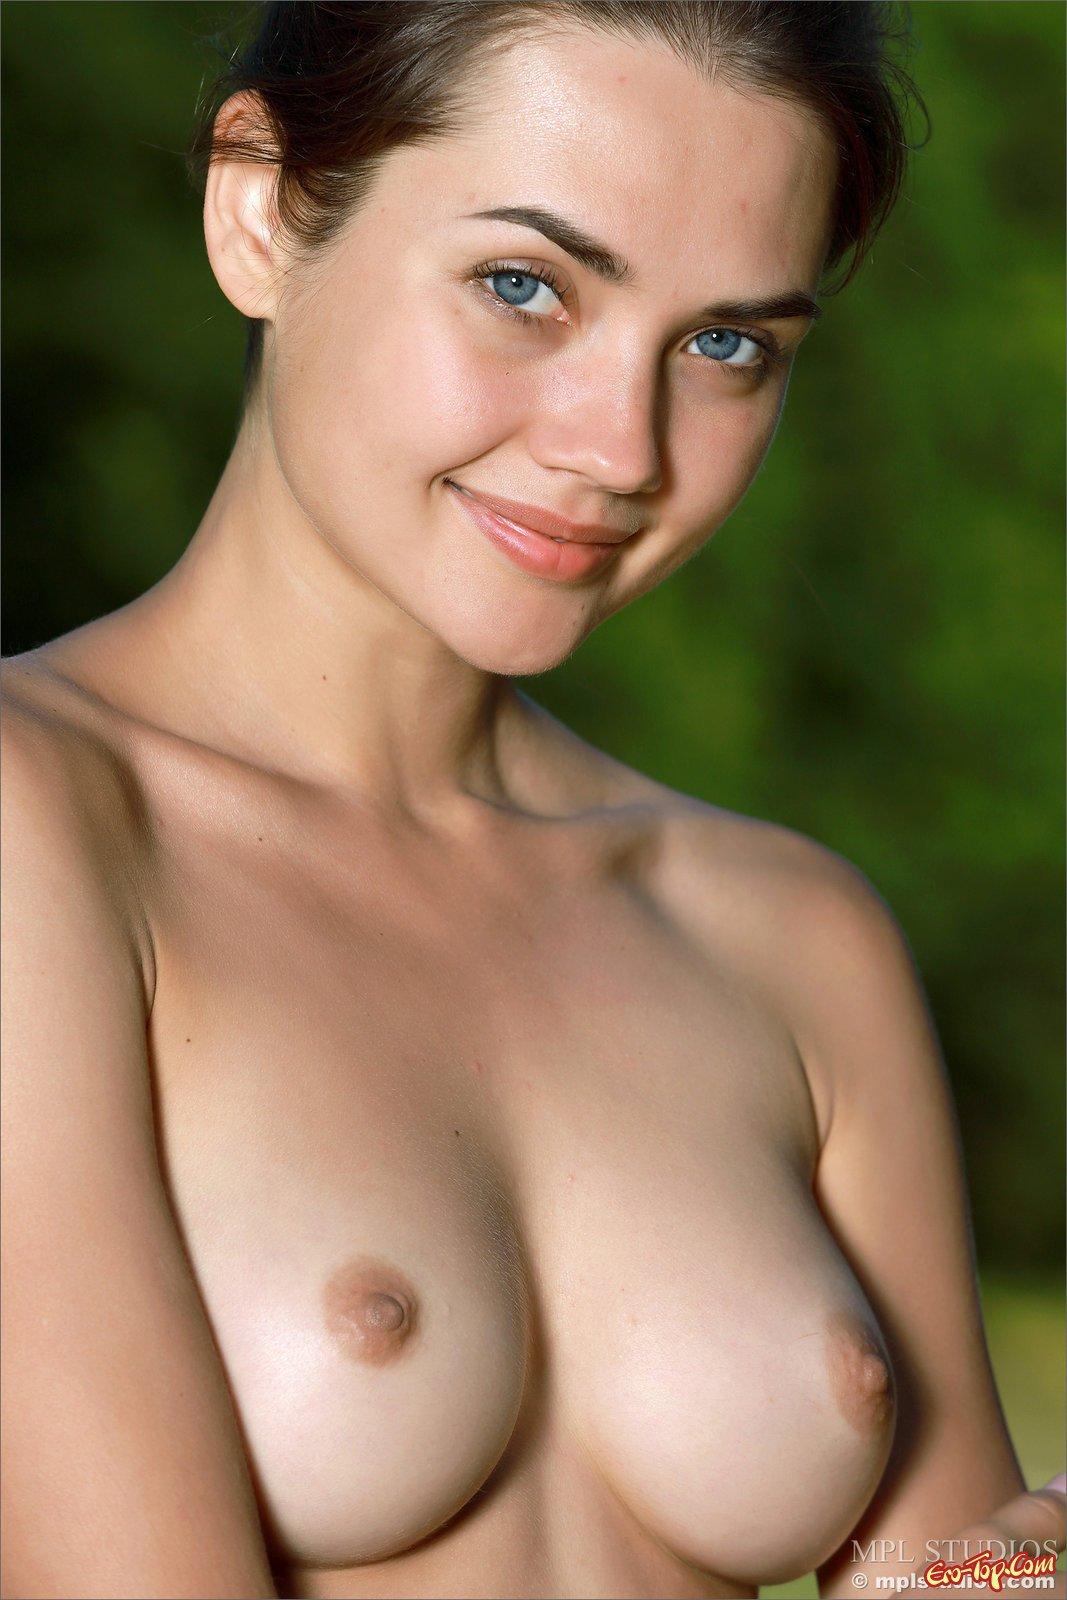 Обнаженная голубоглазая сучка делает селфи в поле секс фото